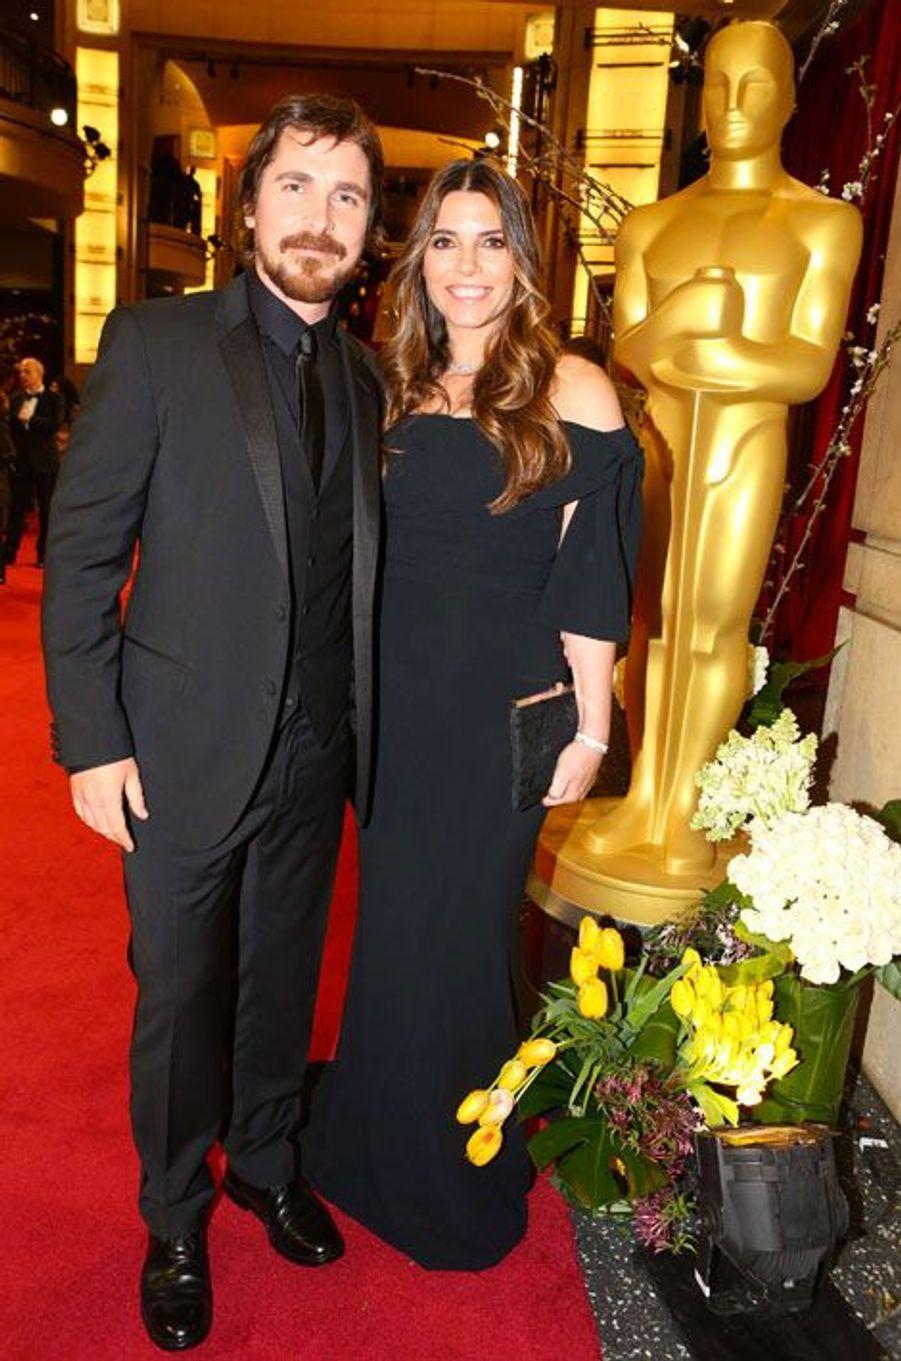 Christian Bale et sa femme Sibi Blazic (ici aux Oscars en mars dernier) ont accueilli un petit garçon, a confirmé ce mardi le porte-parole de l'acteur de 40 ans, sans préciser le jour de l'accouchement, ni même le prénom du bébé. Le couple, marié depuis 14 ans, est déjà parent d'une petite Emmeline, née le 27 mars 2005 à Santa Monica, en Californie.